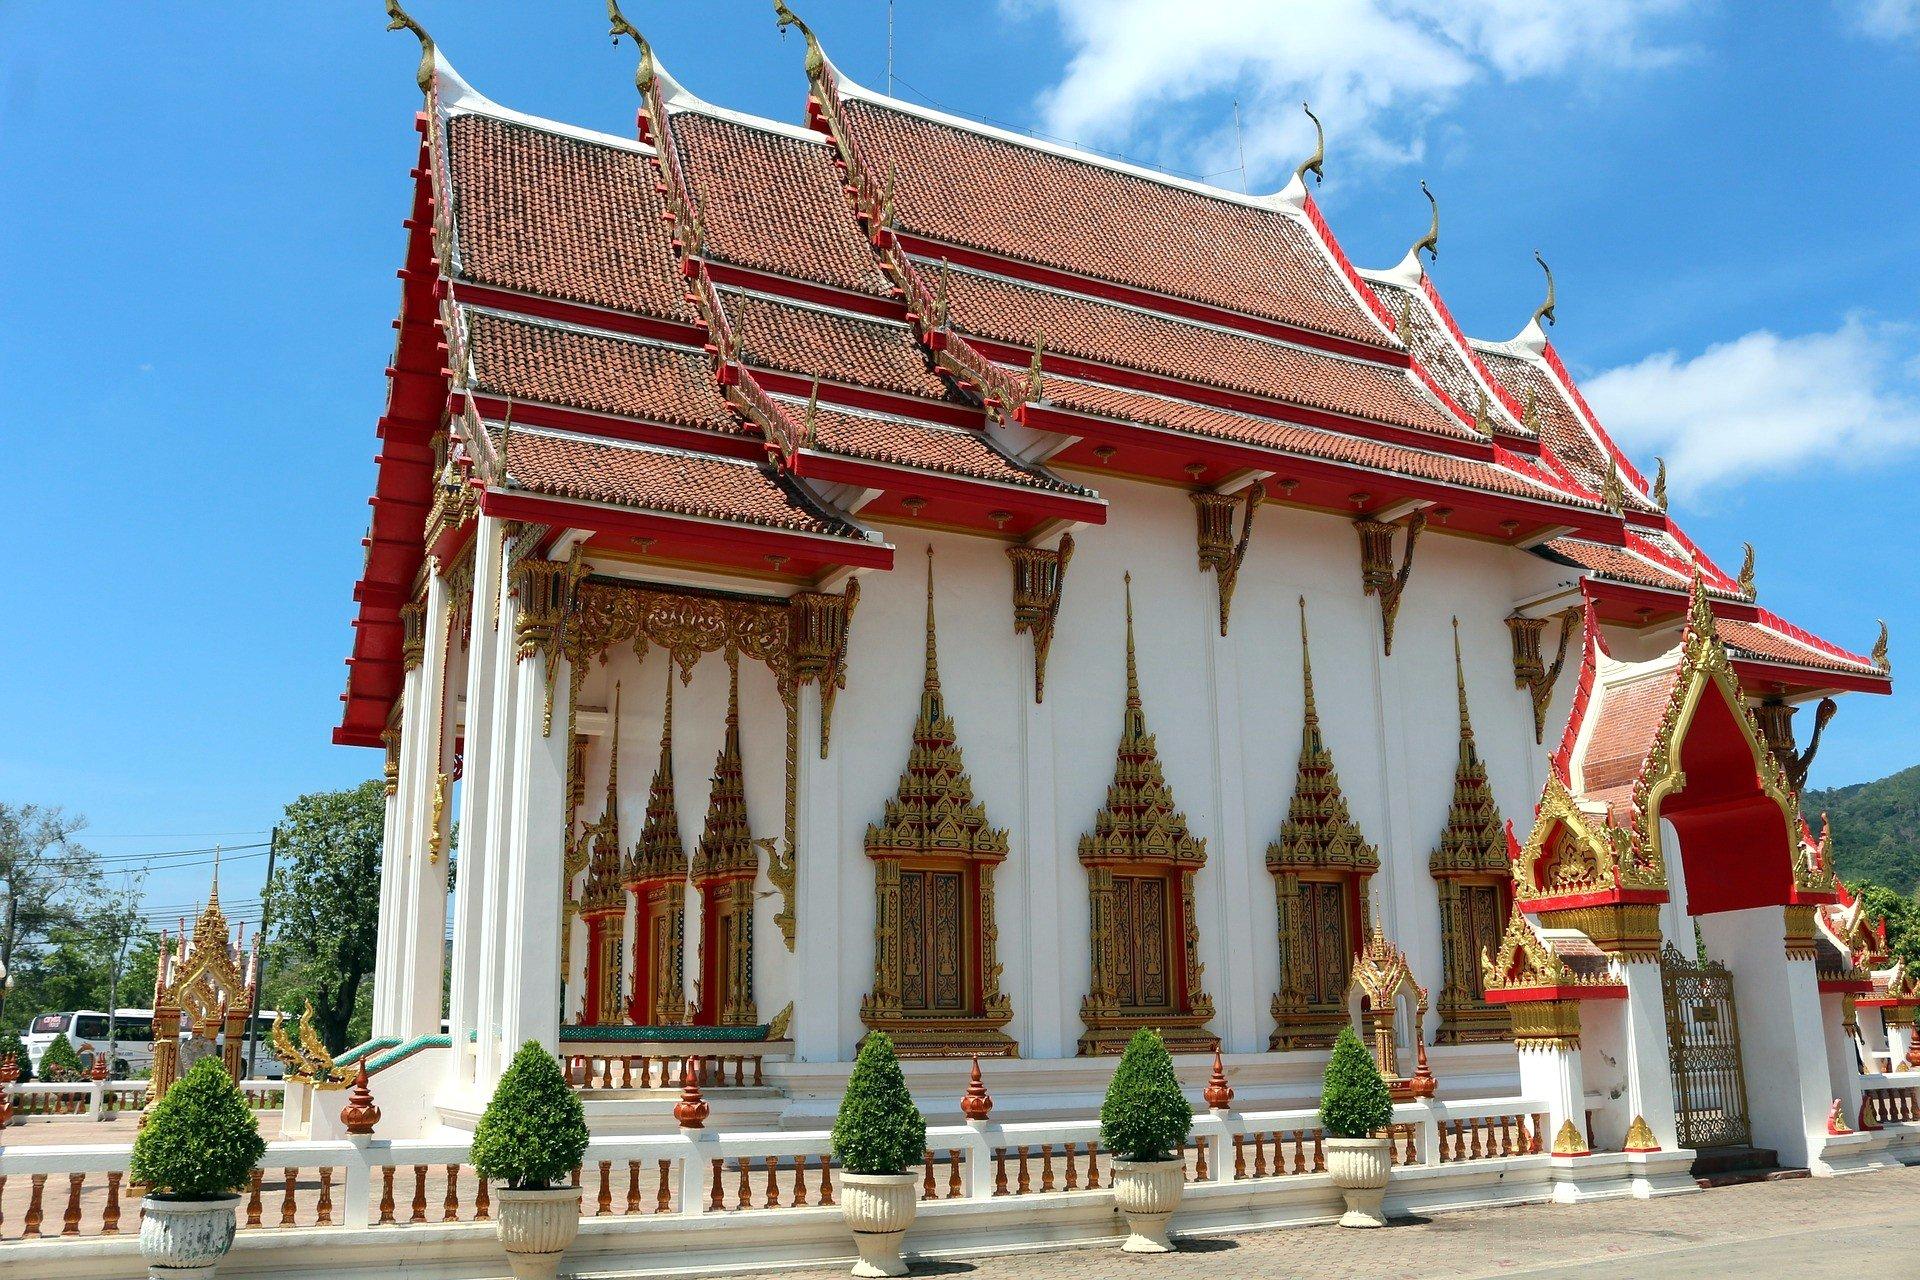 Wat Watchalong in Phuket